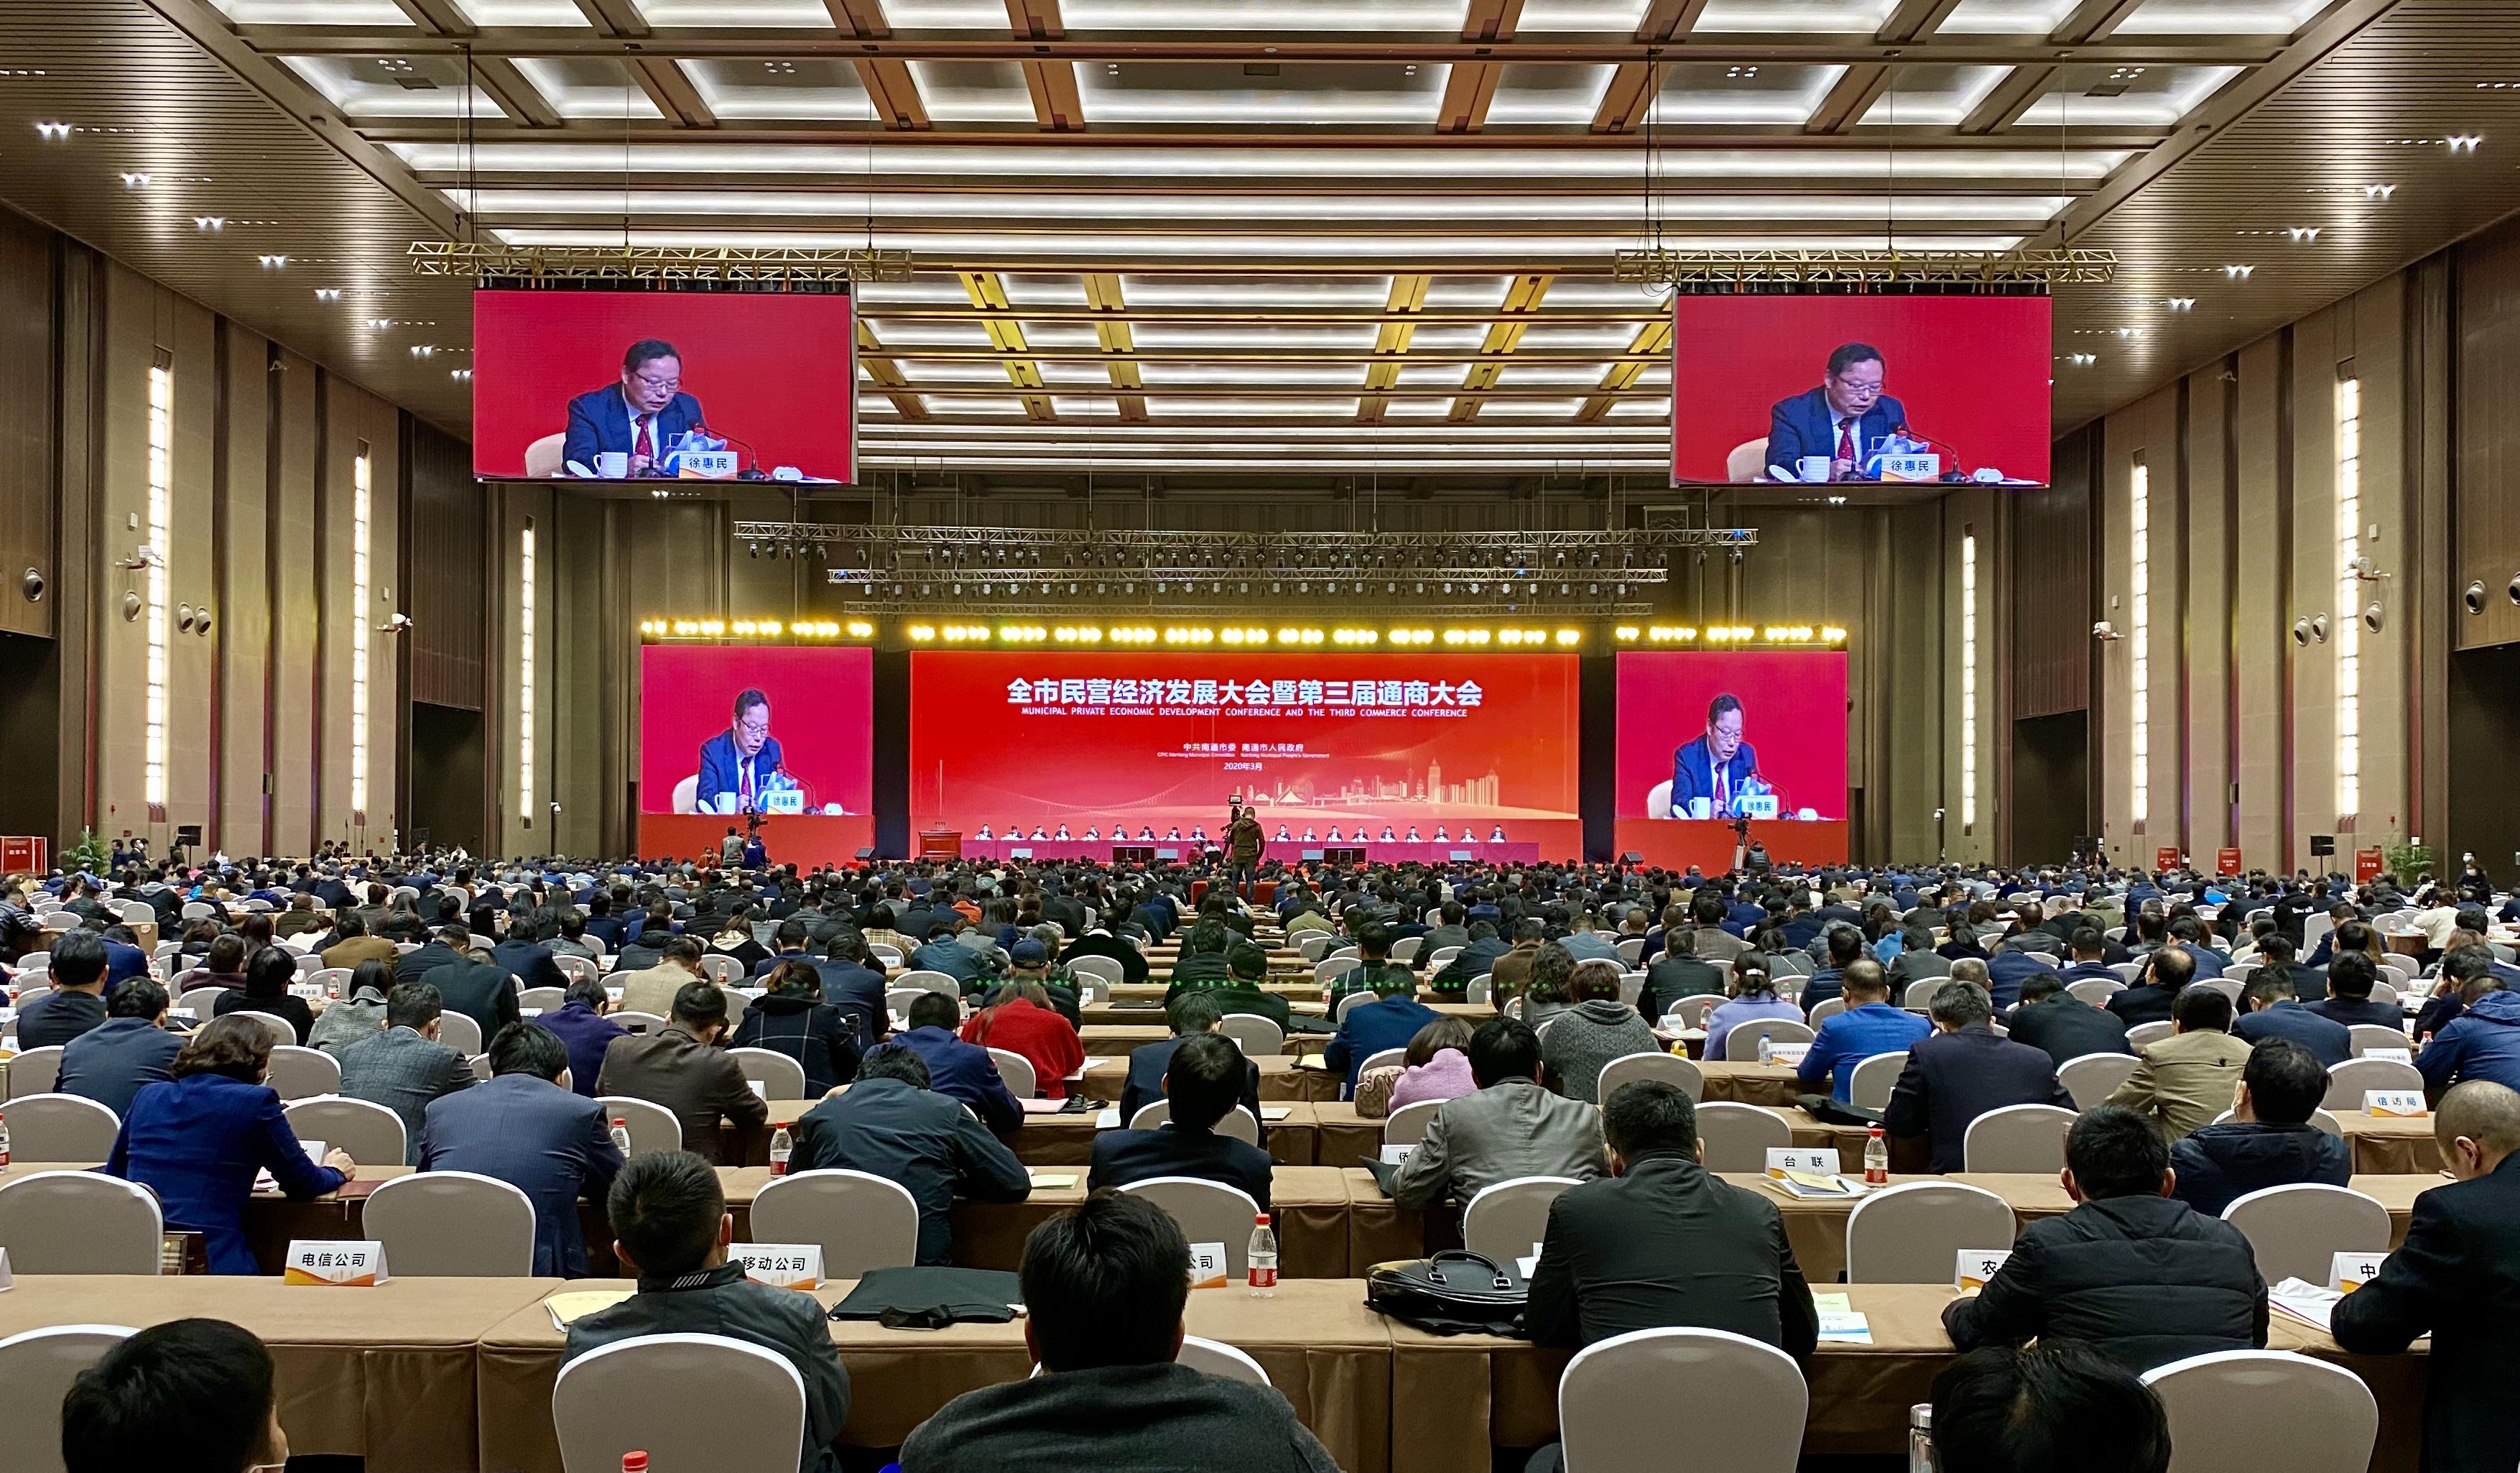 3月27日下午,全市民营经济发展大会暨第三届通商大会在南通国际会议中心召开。